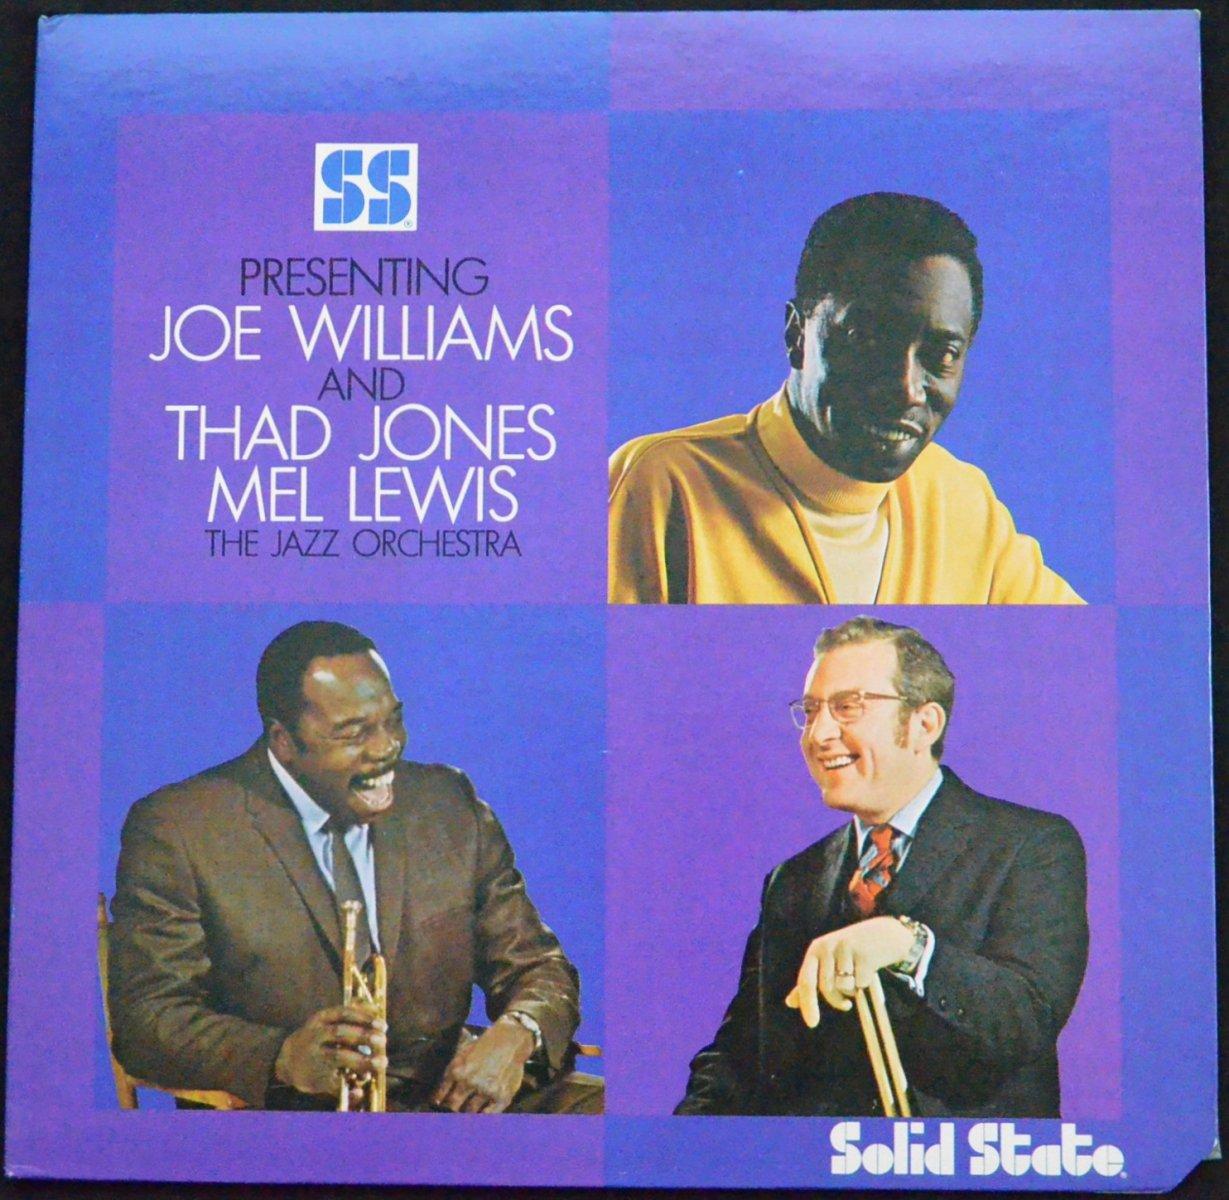 JOE WILLIAMS AND THE JAZZ ORCHESTRA / JOE WILLIAMS AND THE JAZZ ORCHESTRA (LP)